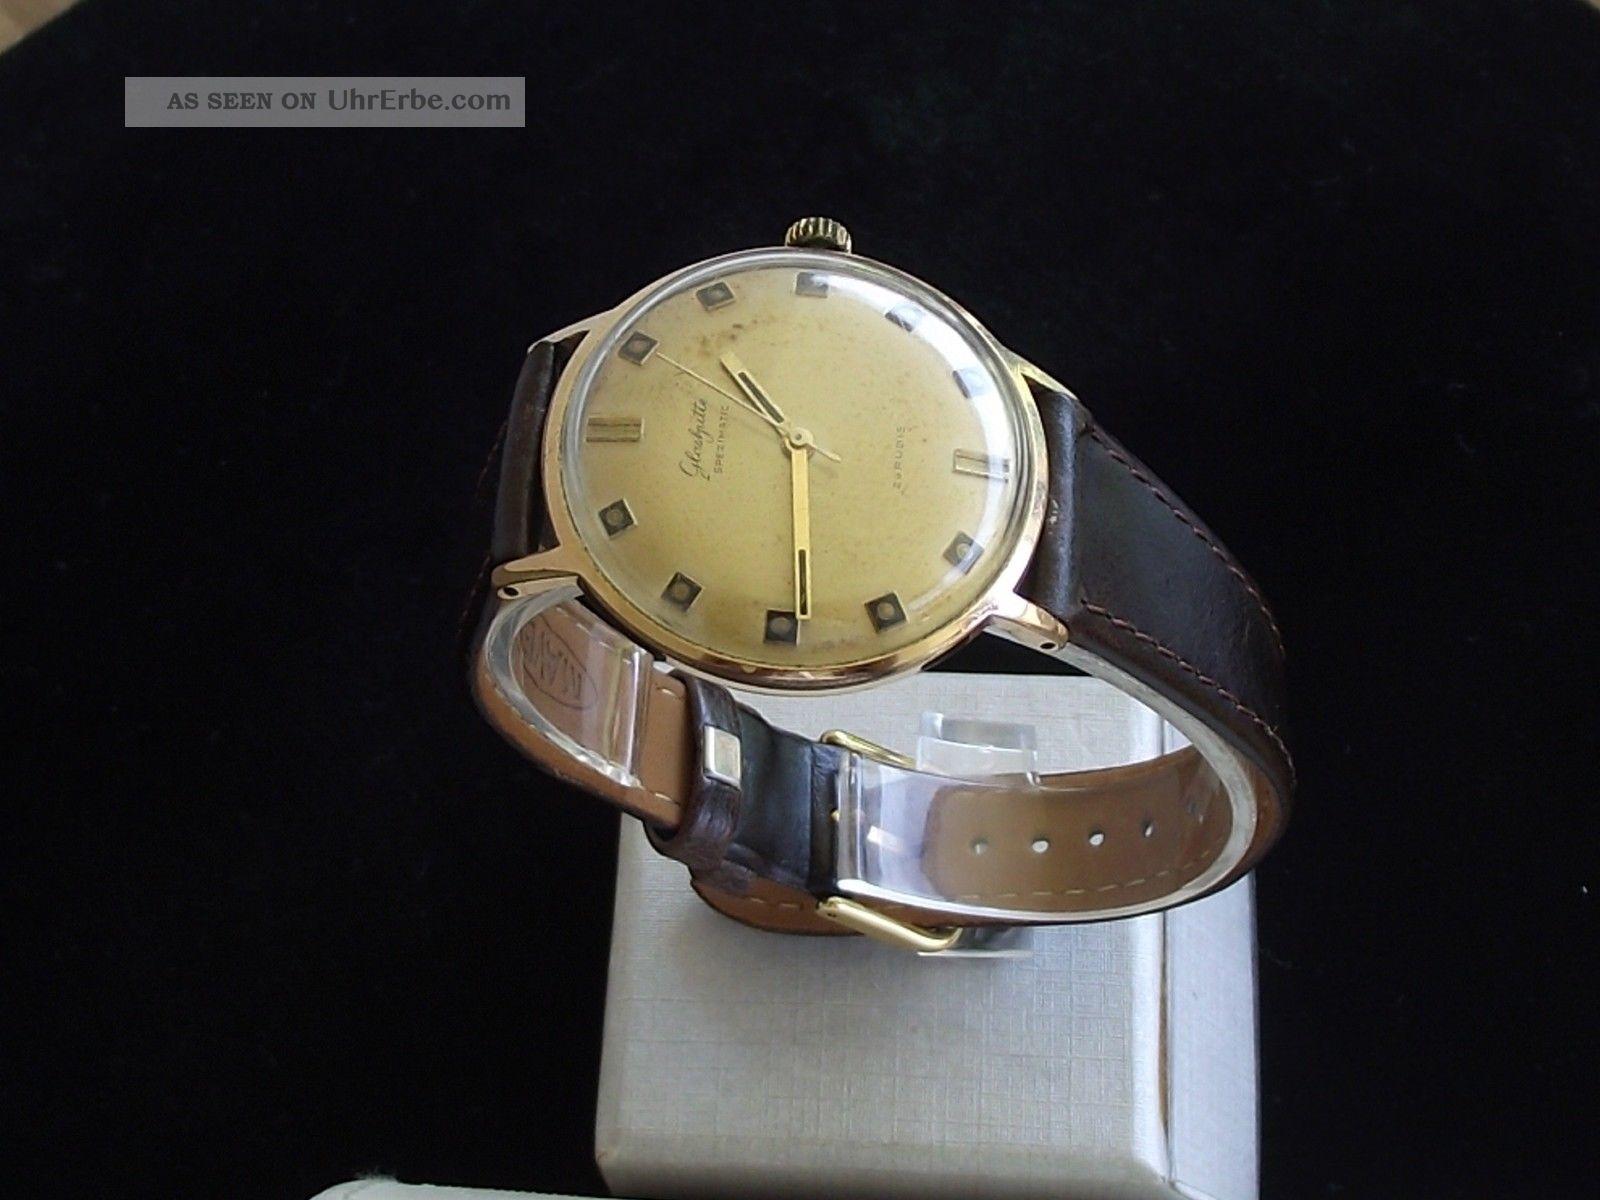 Große Gub GlashÜtte Spezimatc Herrenuhr - Kaliber 74 Armbanduhren Bild